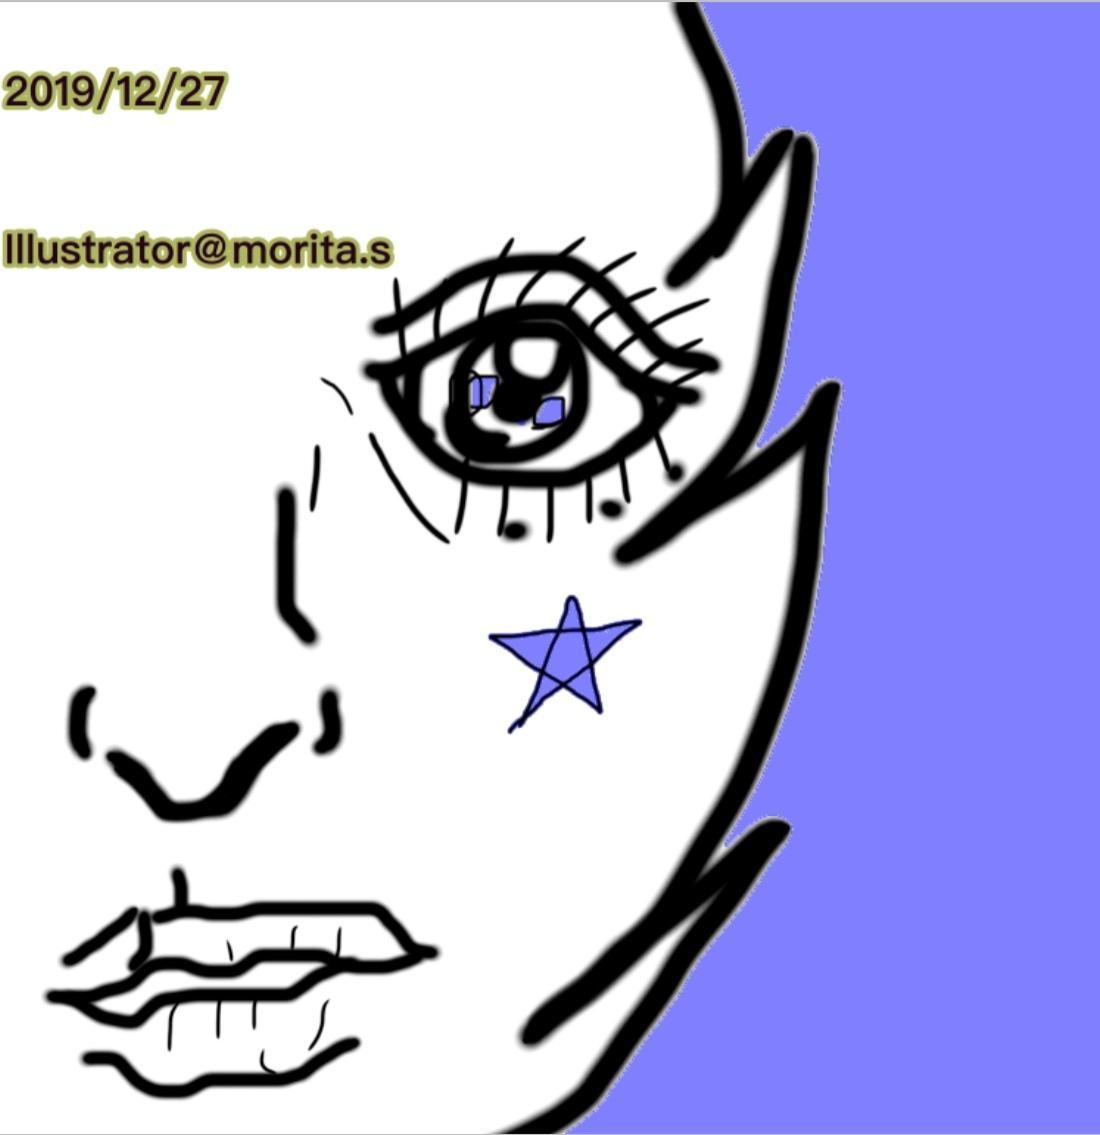 似顔絵色々な絵を描いています。よろしくお願いします 森田のイラストルーム 【森田デザイン】